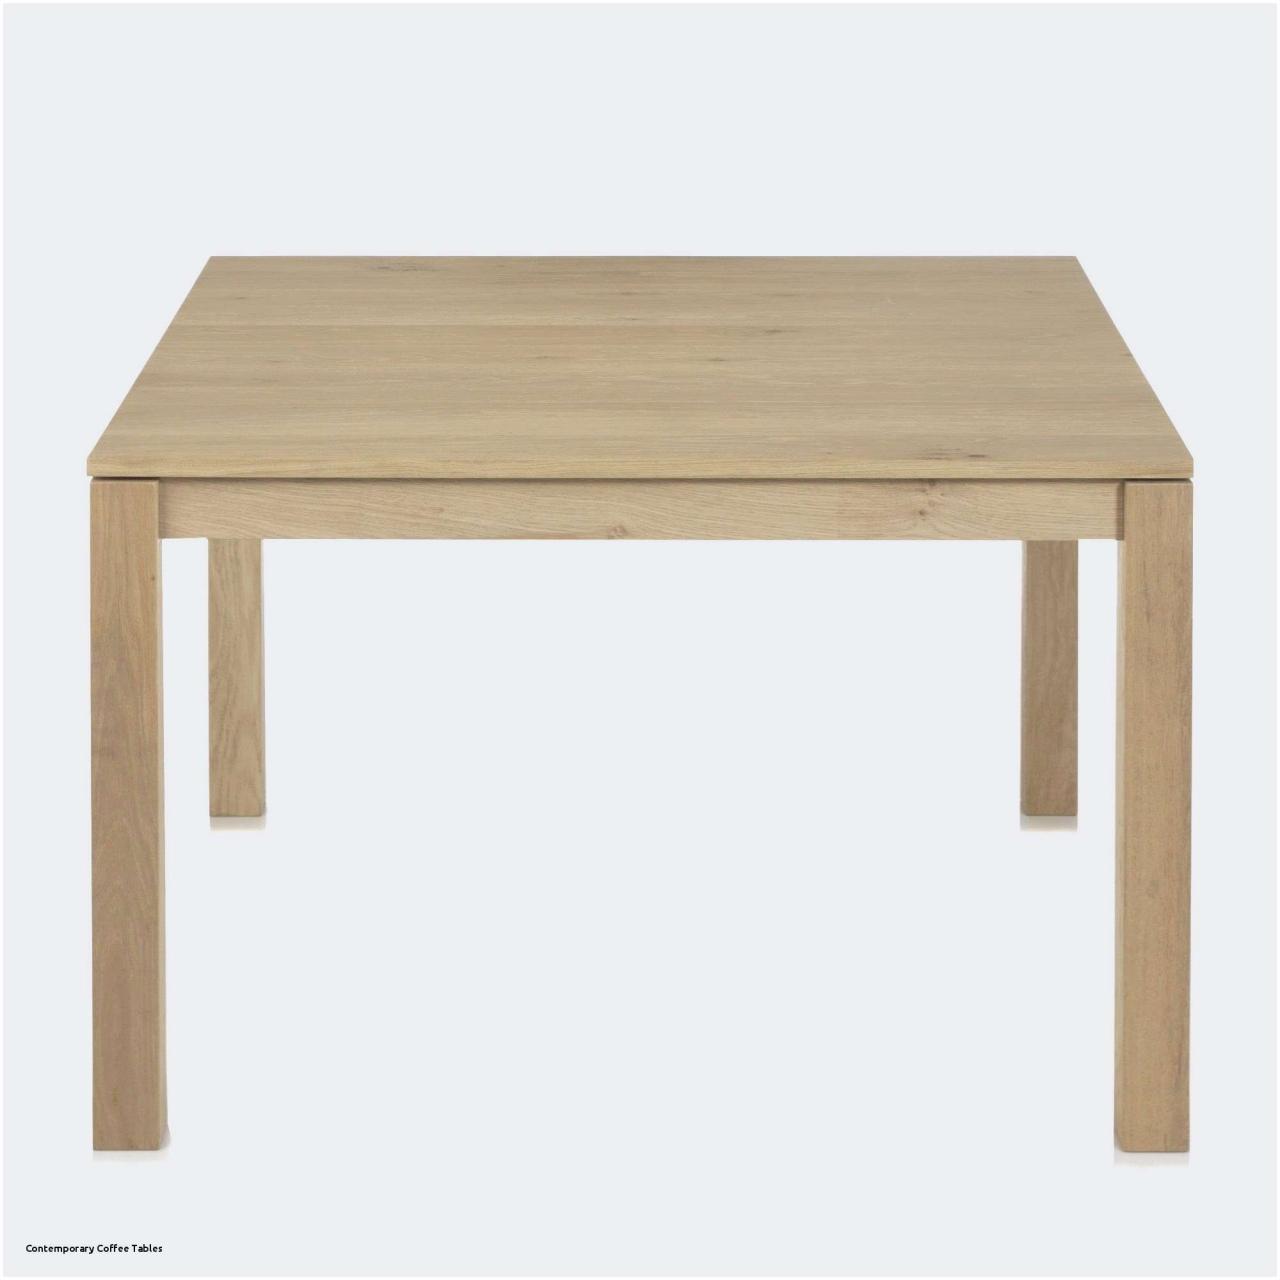 modern table sculpture inspire kaffetisch schon couchtisch aus metall couchtisch bauen 0d of modern table sculpture 4